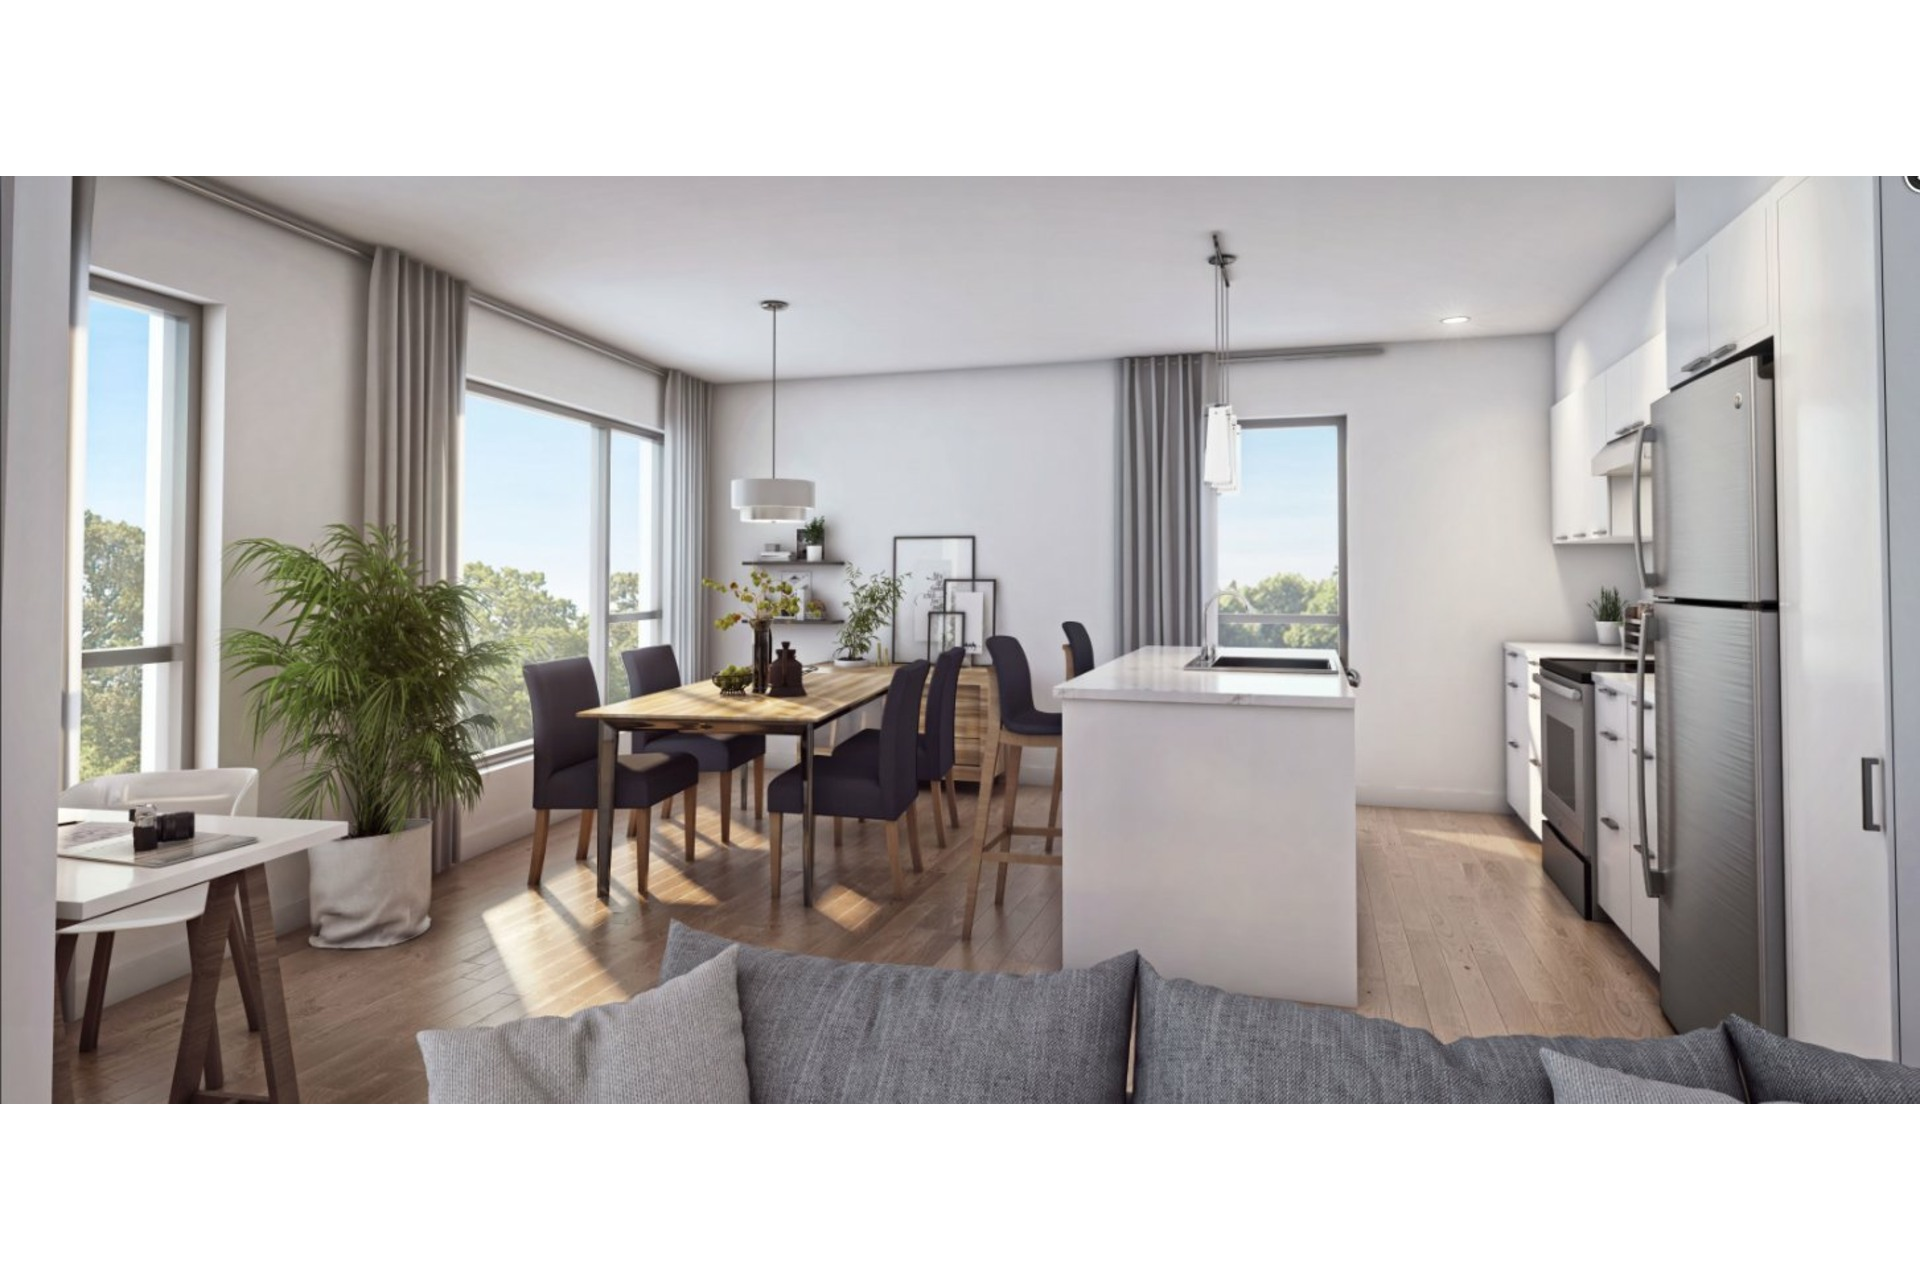 image 3 - Appartement À vendre Rosemont/La Petite-Patrie Montréal  - 5 pièces